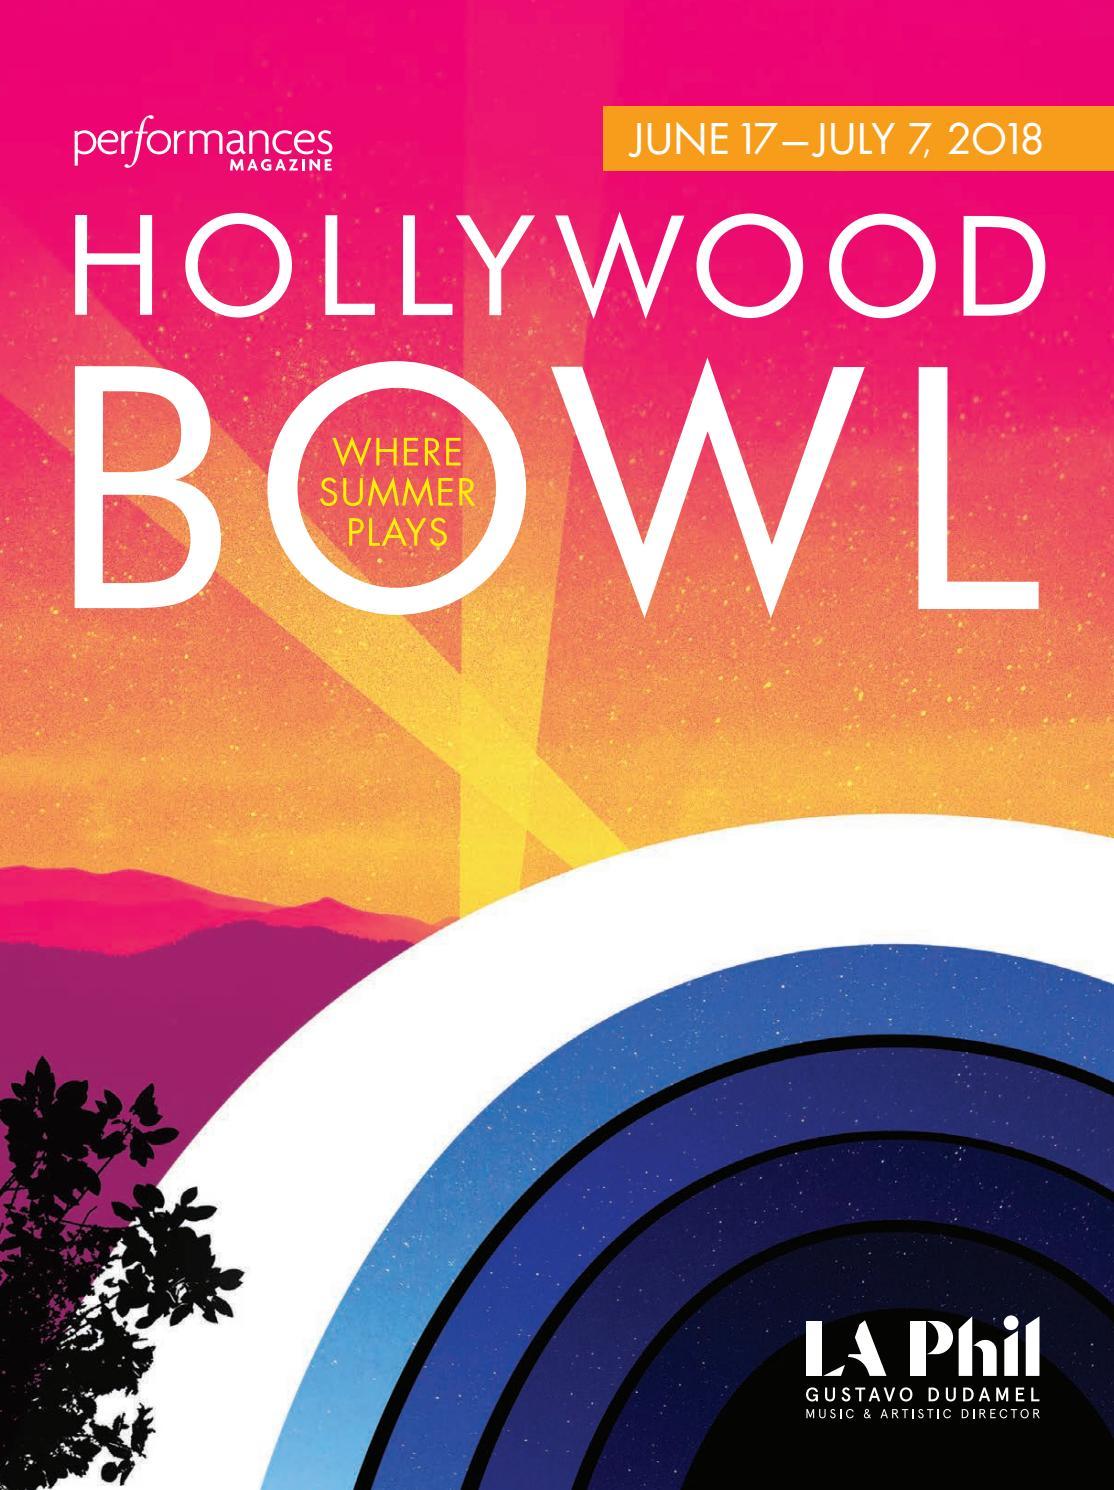 Performances Magazine Hollywood Bowl 2018 by SoCalMedia - issuu